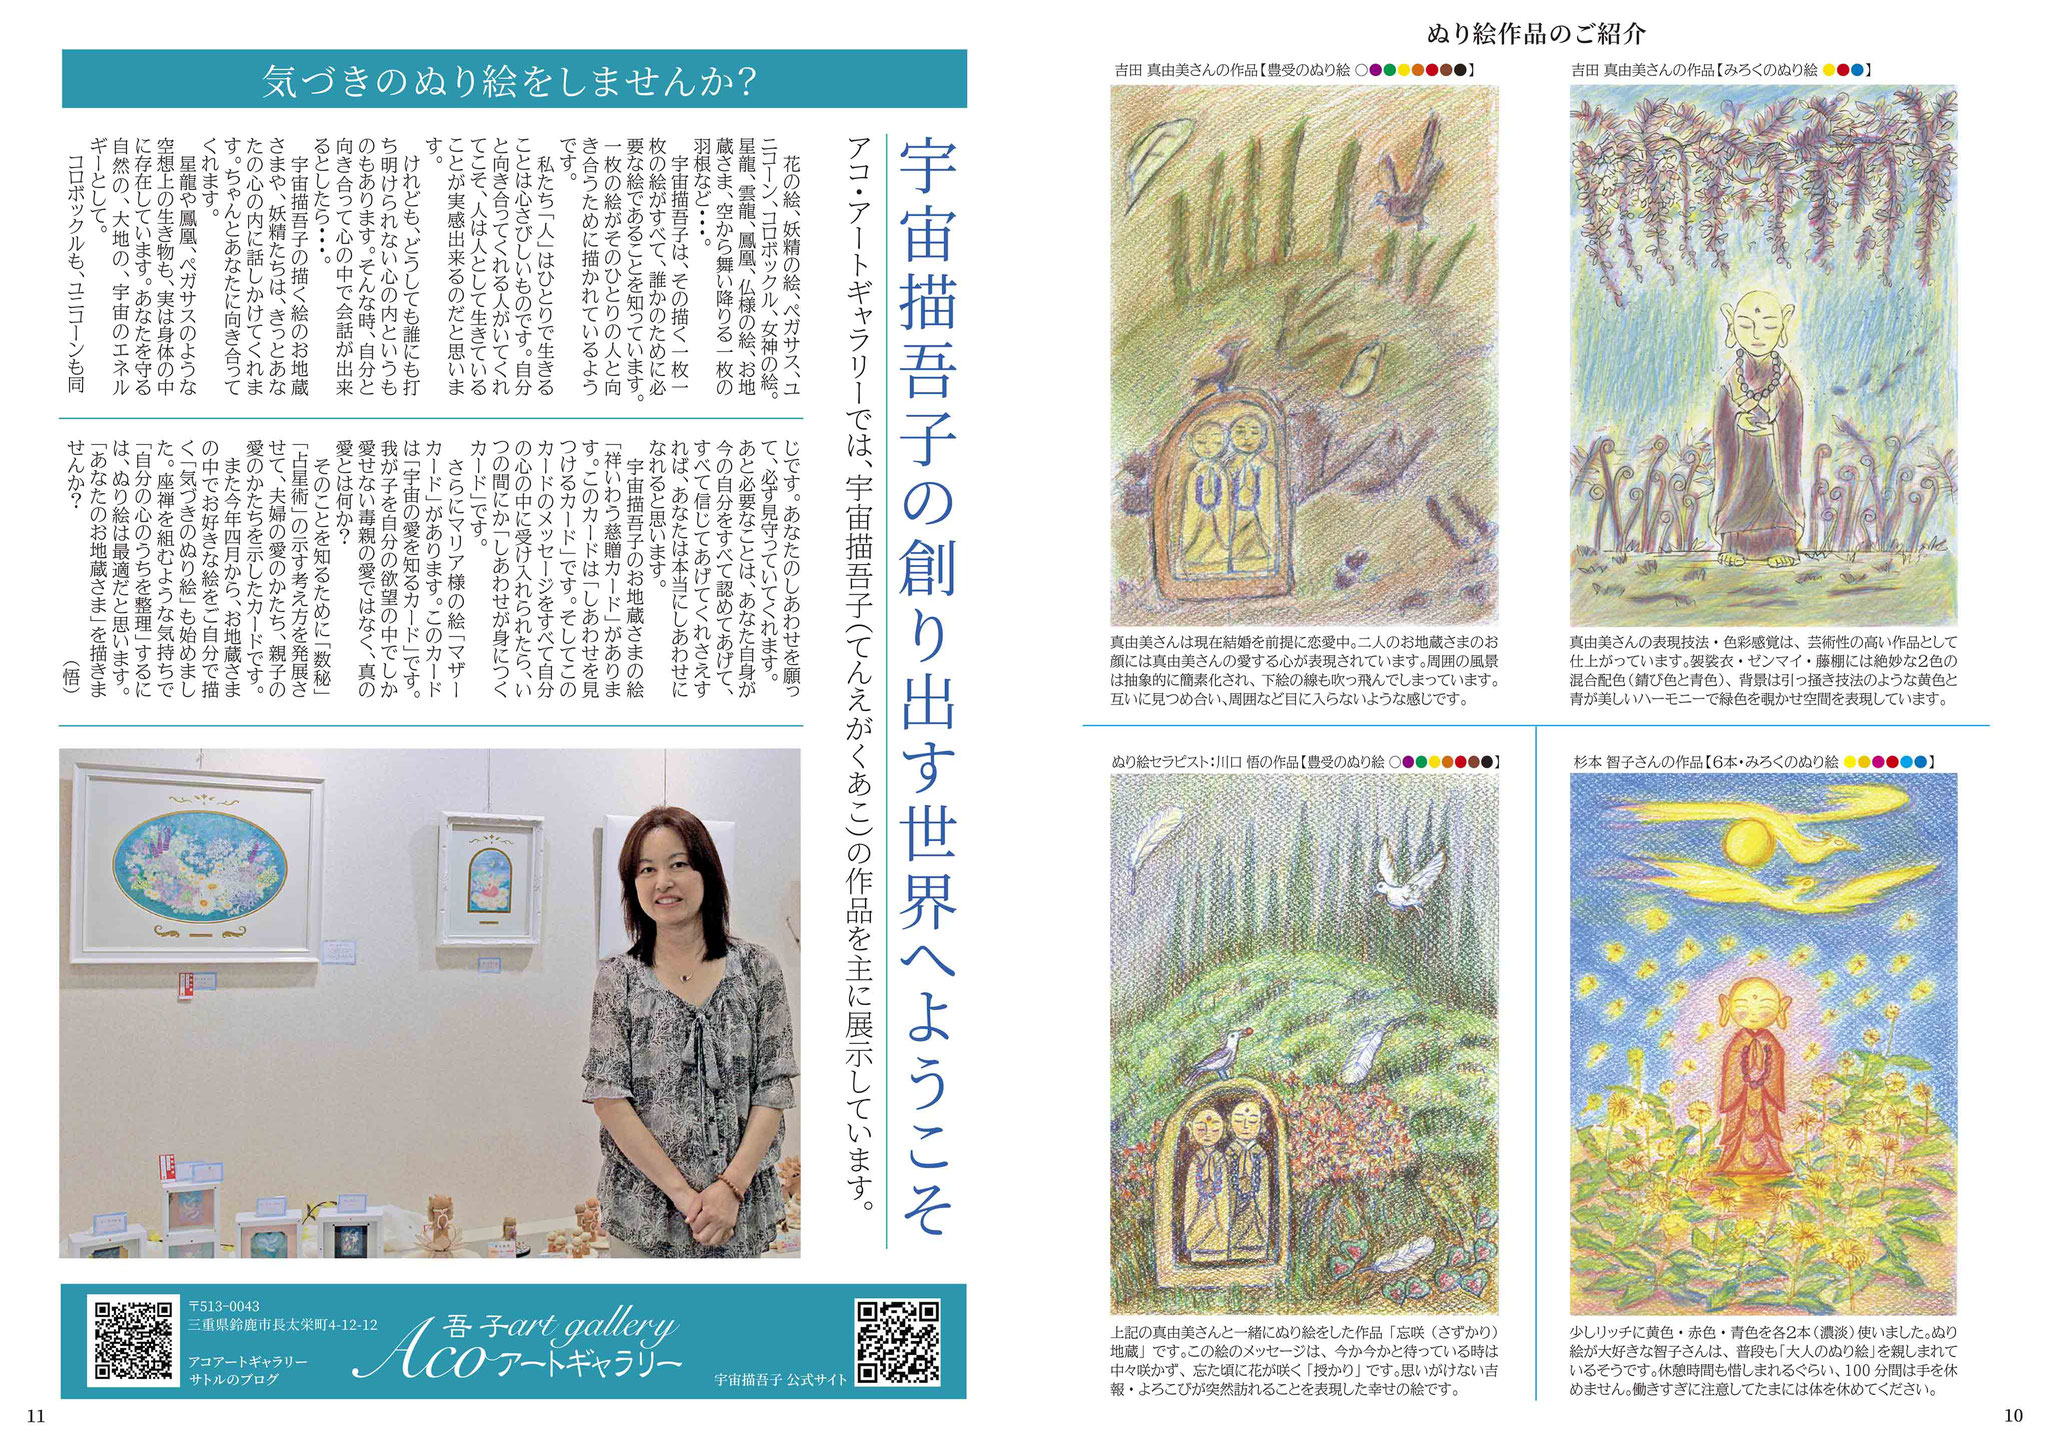 ぬり絵作品と「吾子アートギャラリー」のご案内